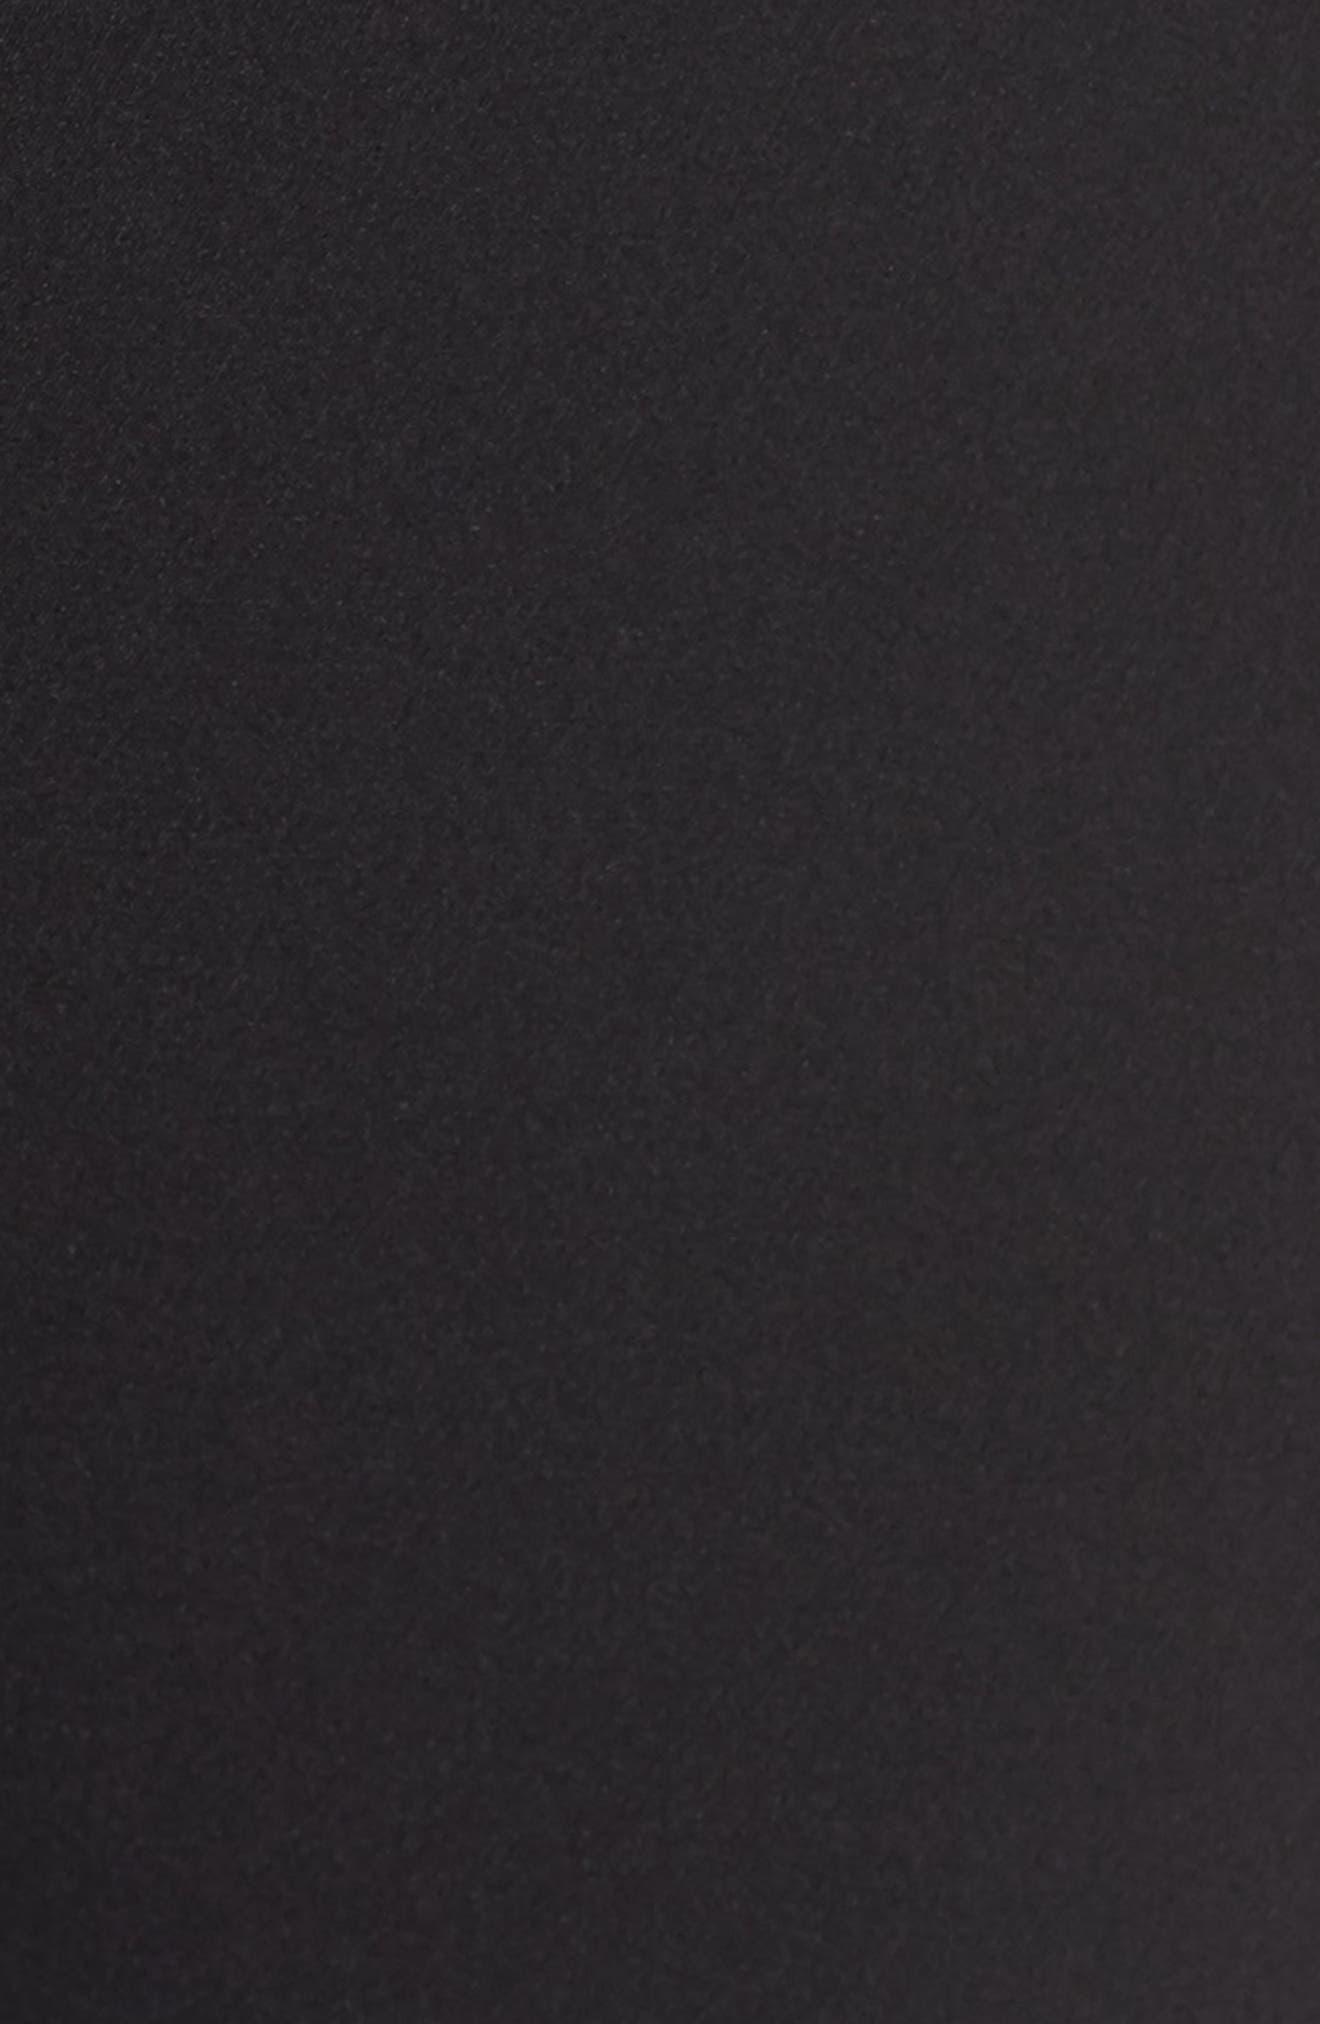 Roxy Flare Leg Pants,                             Alternate thumbnail 5, color,                             Black